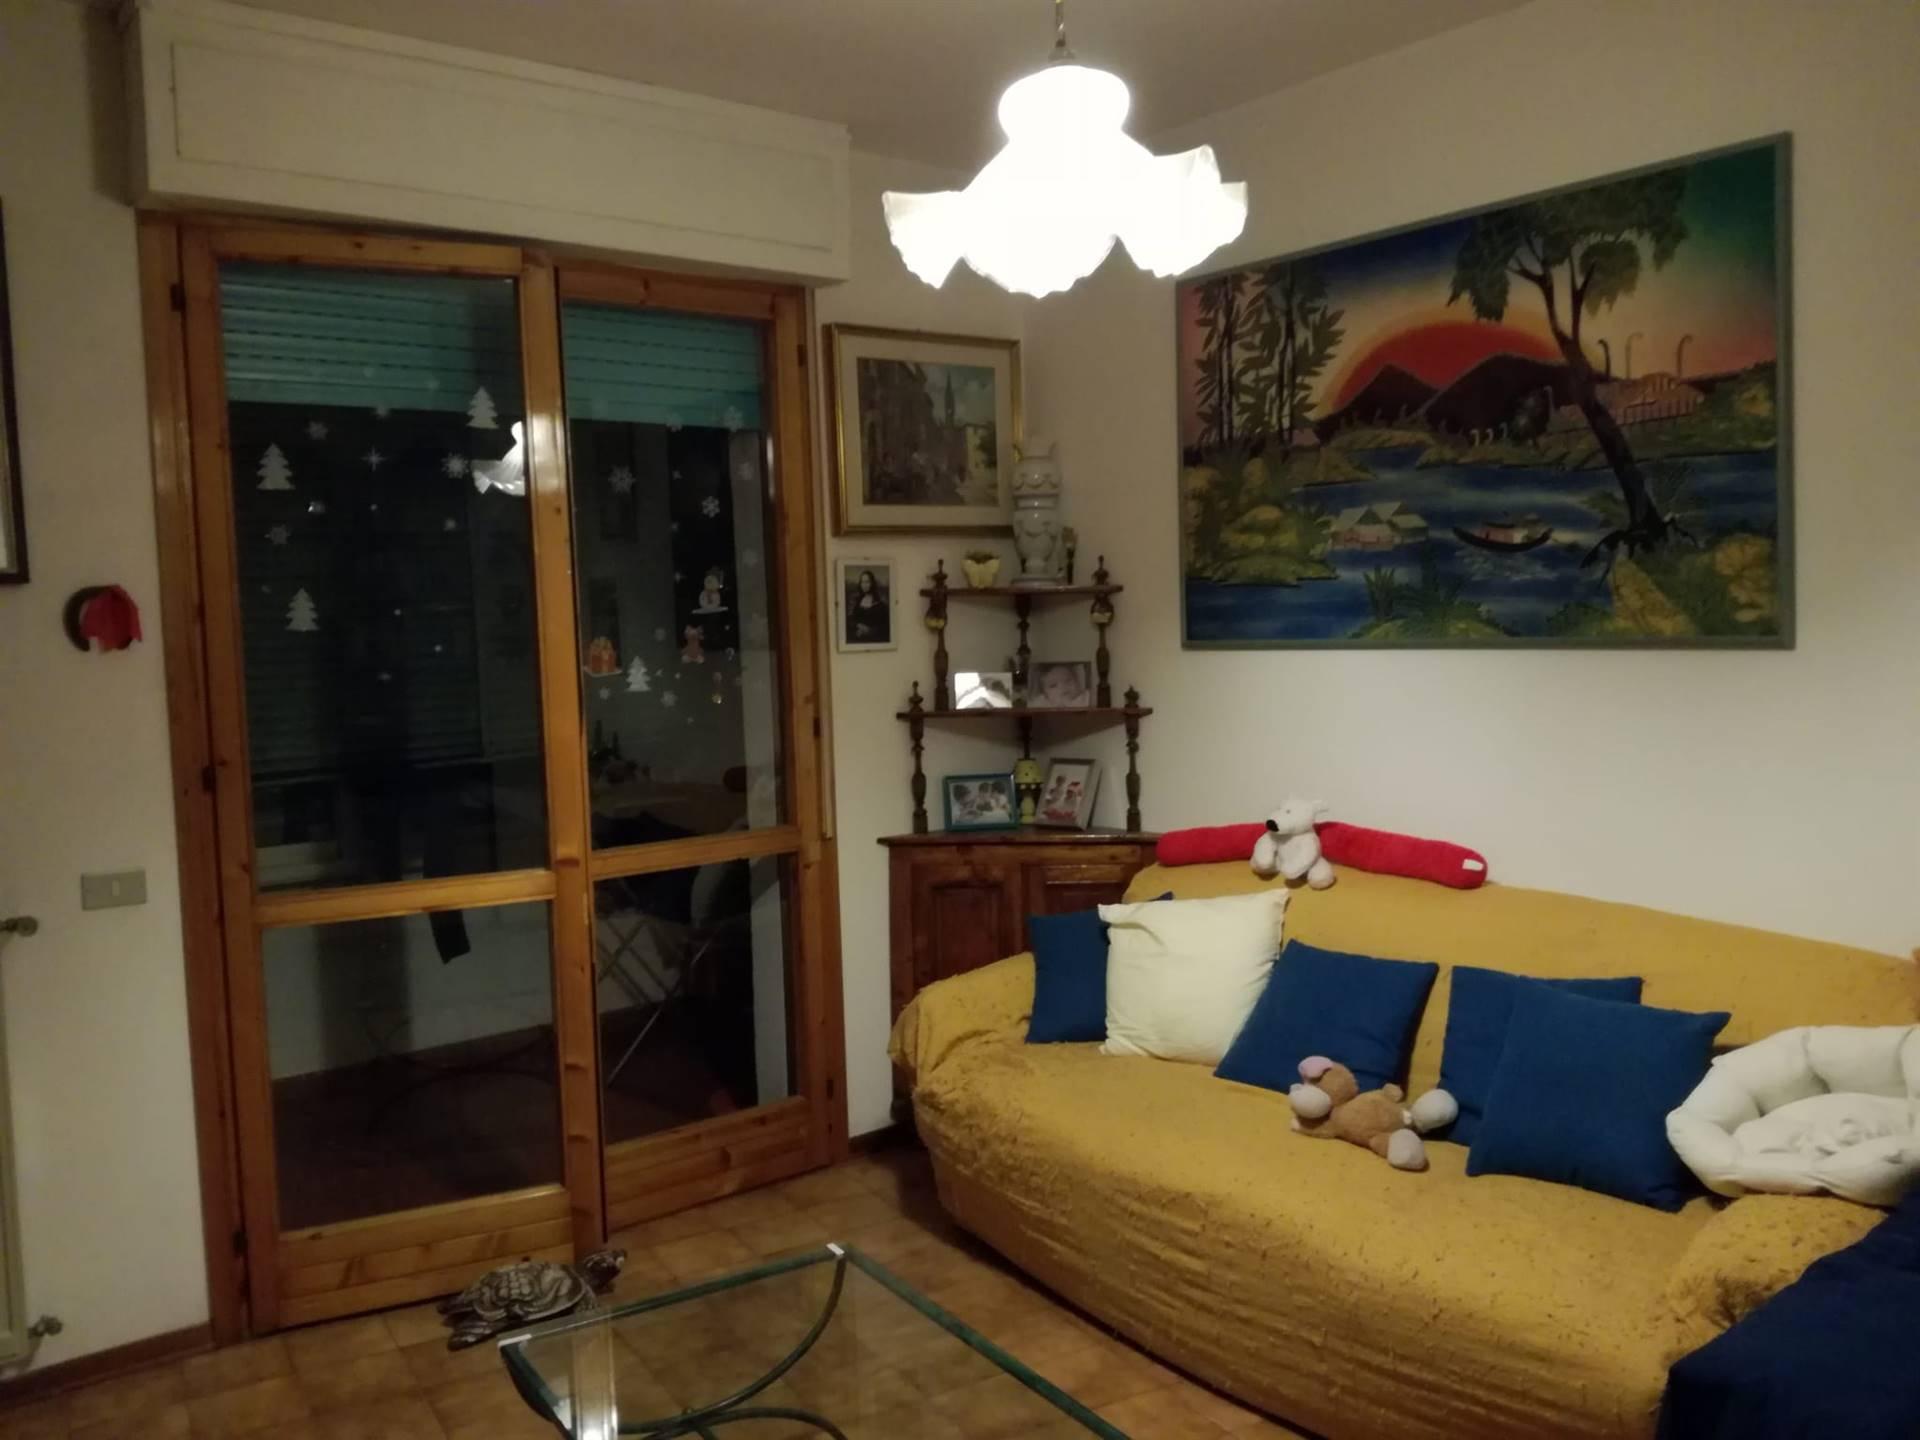 PISTOIA EST, PISTOIA, Appartamento in vendita, Buone condizioni, Classe energetica: G, posto al piano 4°, composto da: 4 Vani, Cucinotto, 2 Camere, 1